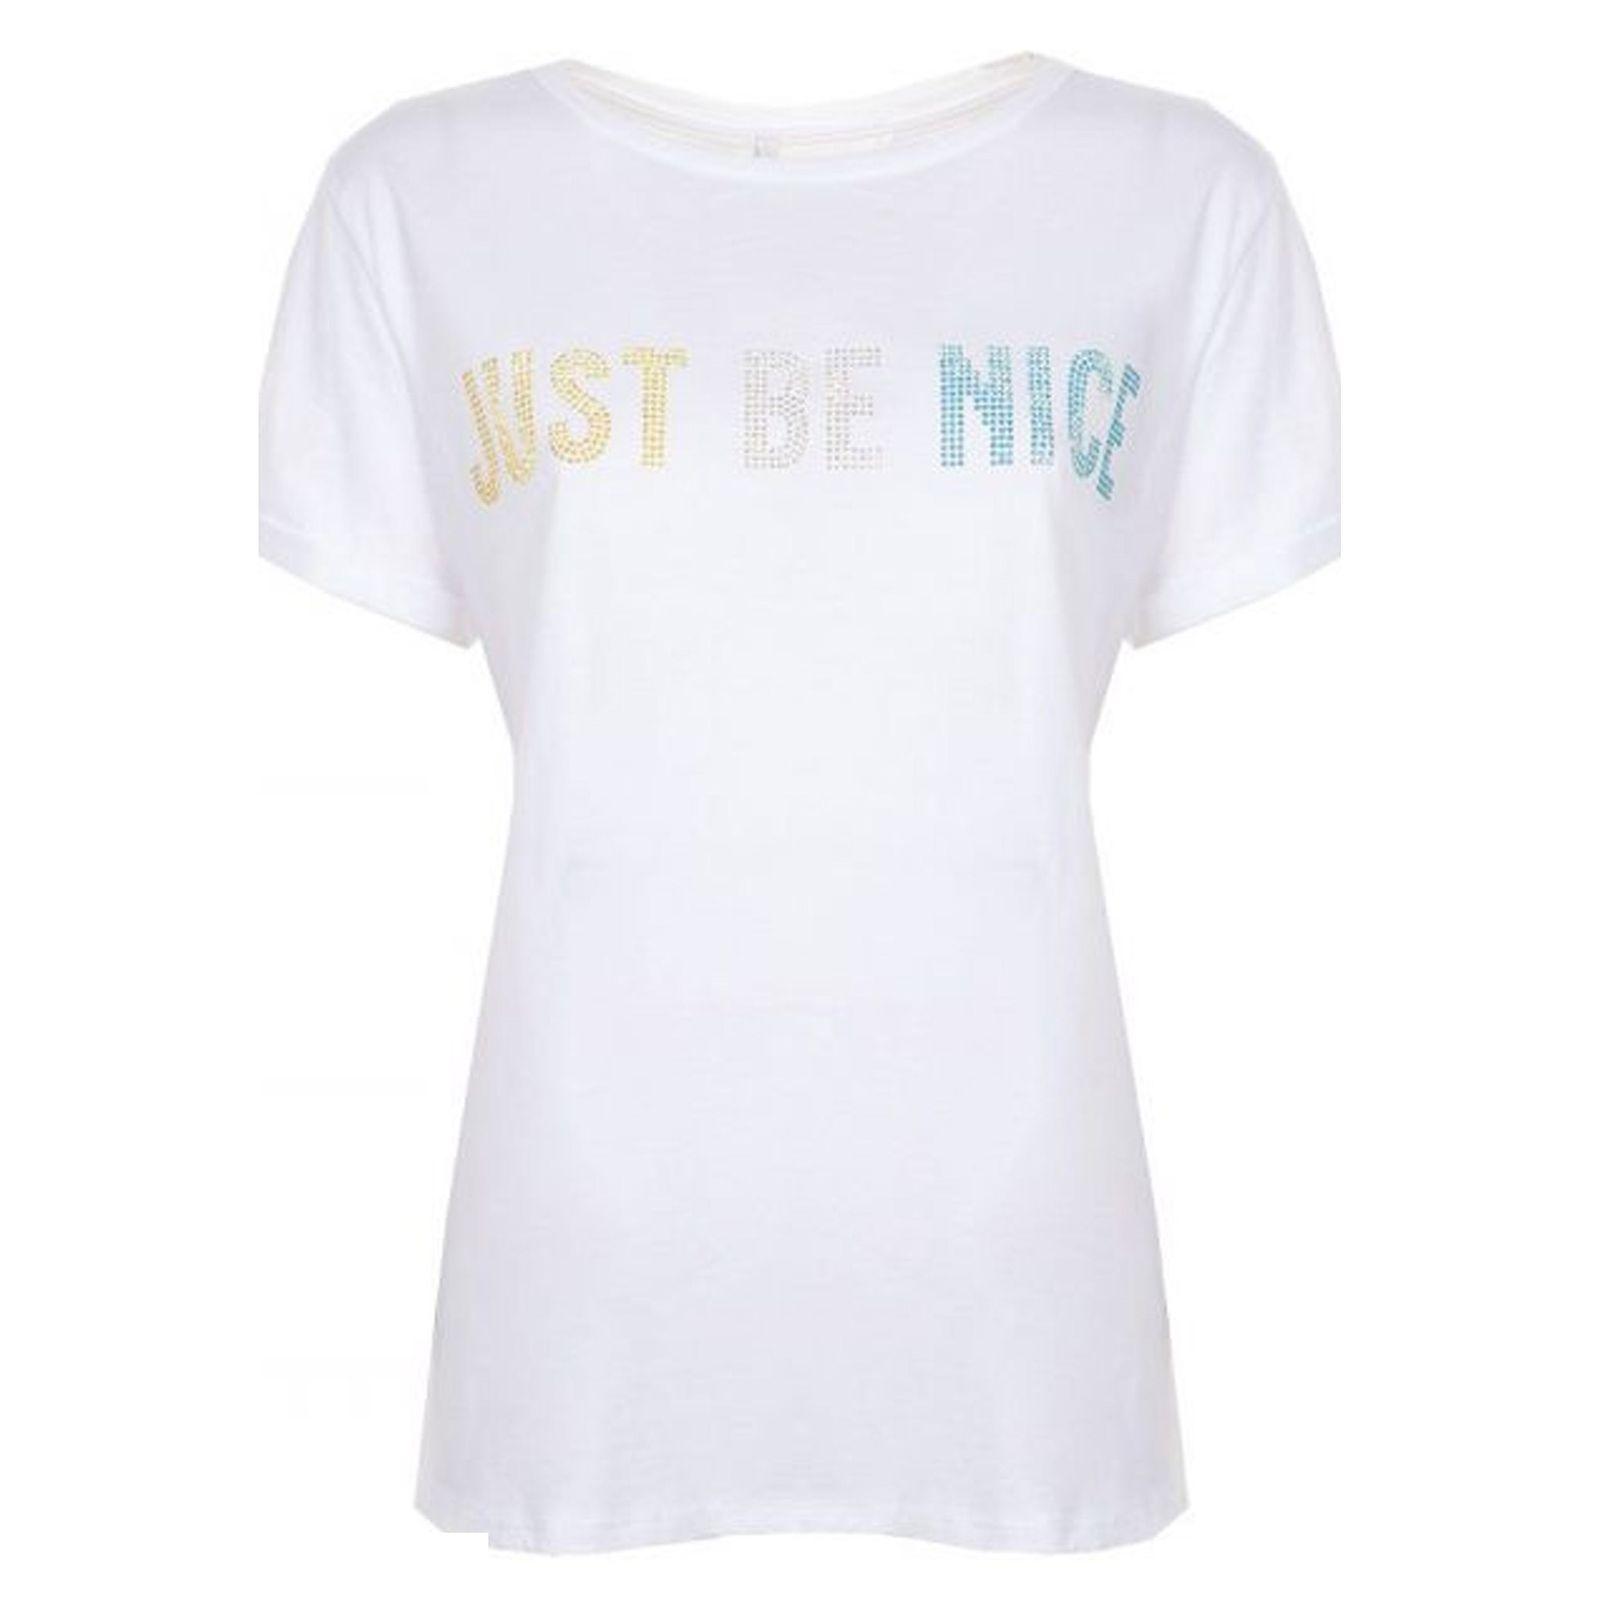 تی شرت نخی یقه گرد زنانه - امپریال - سفيد - 1